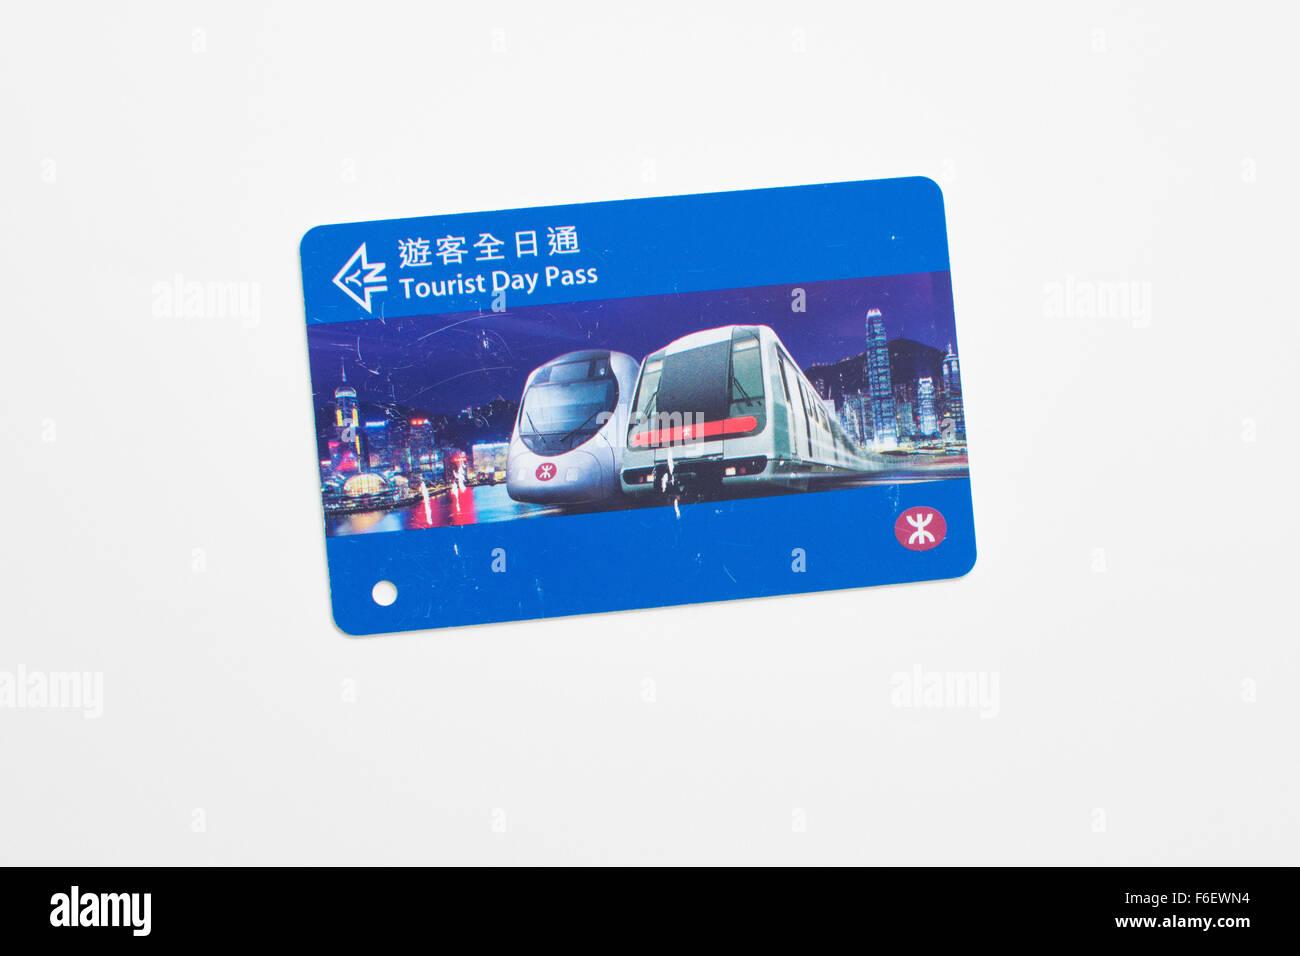 MTR Tourist Tageskarte für beliebig viele Fahrten auf der MTR, Hong Kong - Ticket ab 2012 Stockbild